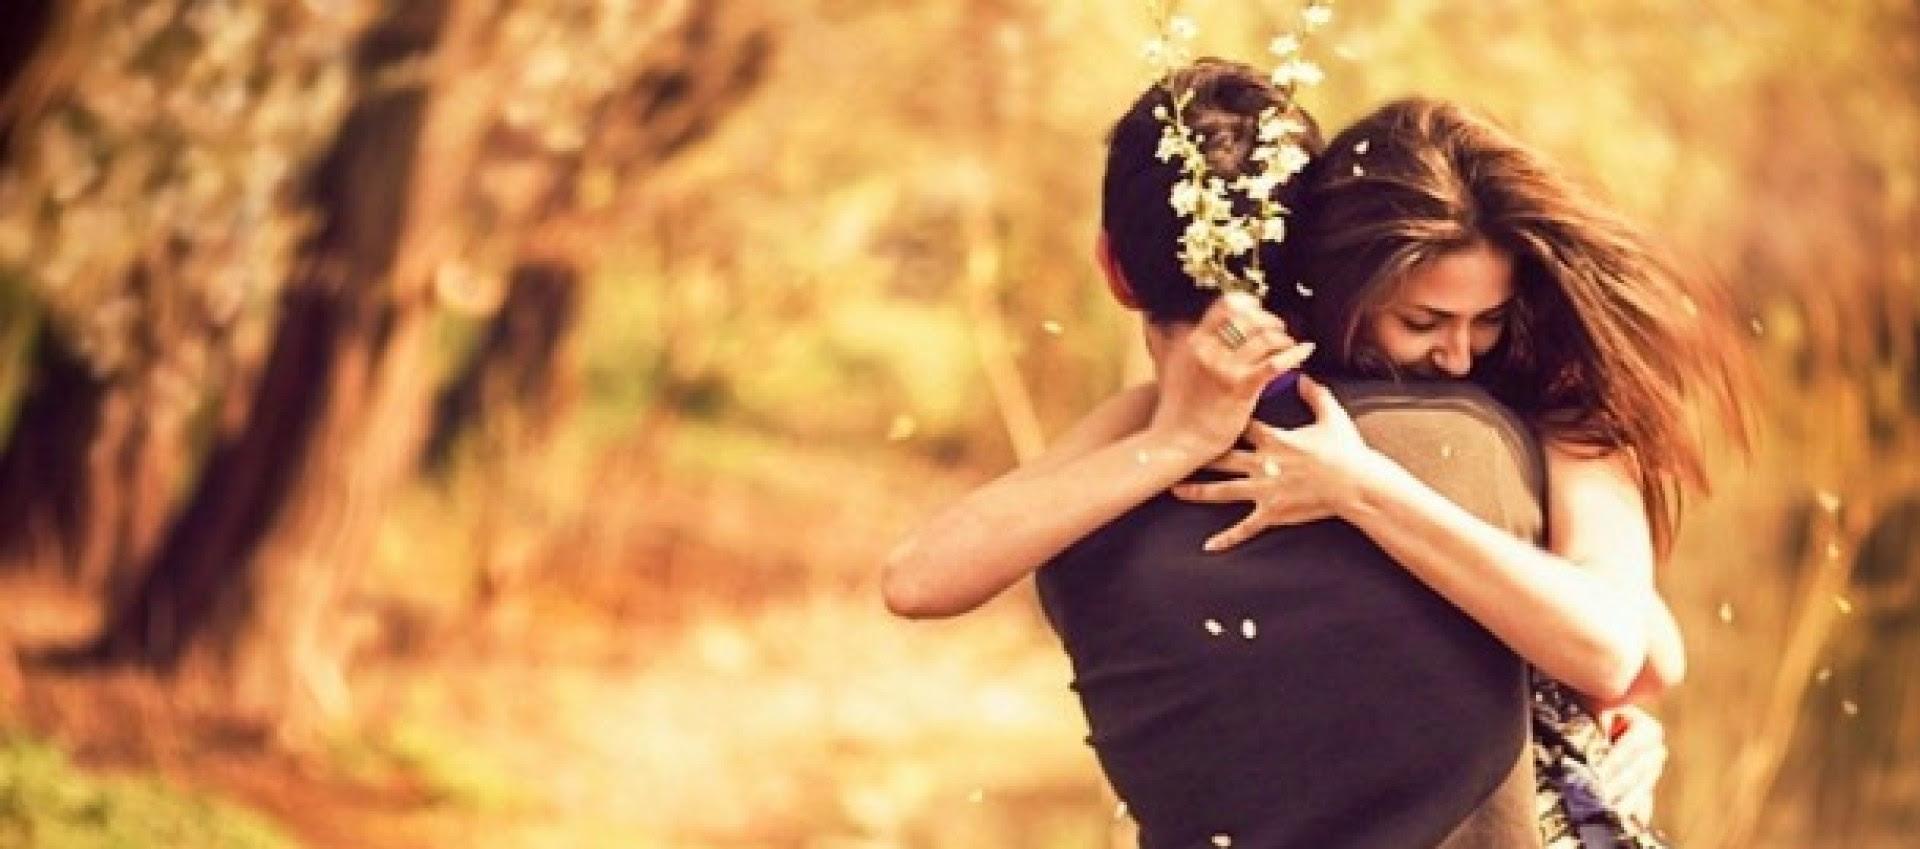 http://felizesparasempretrespontinhos.com/wp-content/uploads/2015/09/cropped-sintomas-le-me-ama-semprebella-casal-apaixonado-e1410549352262.jpg